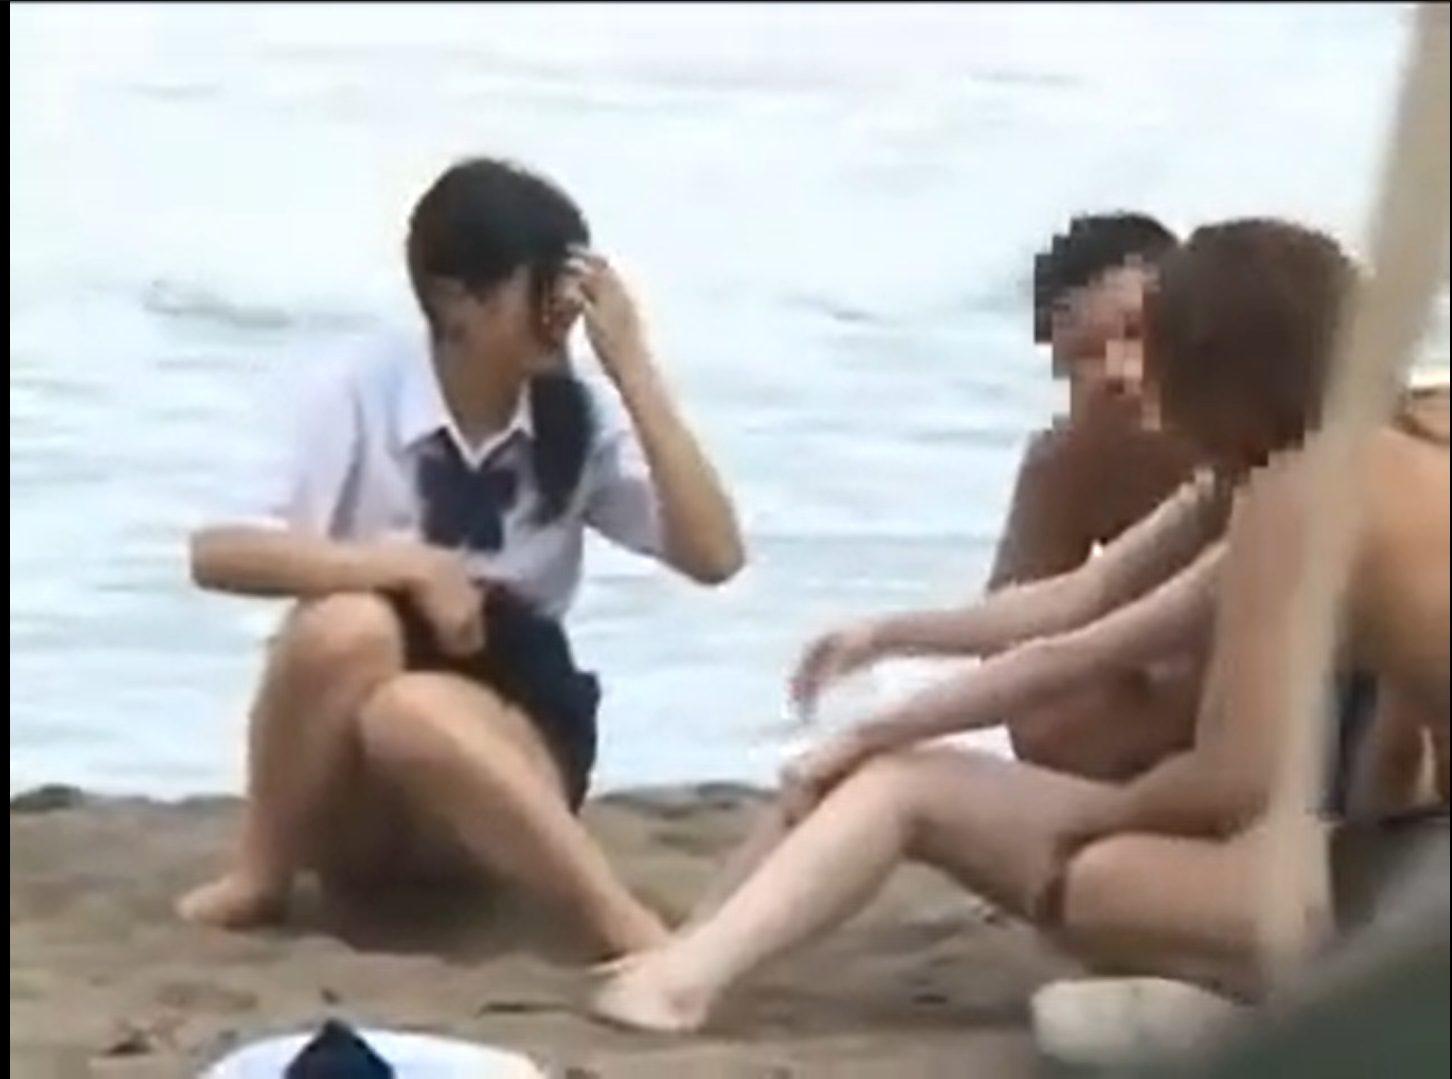 【※ガチ野外レイプ※】海辺で遊ぶJKを岩場の陰で制服のまま犯し尽す…!